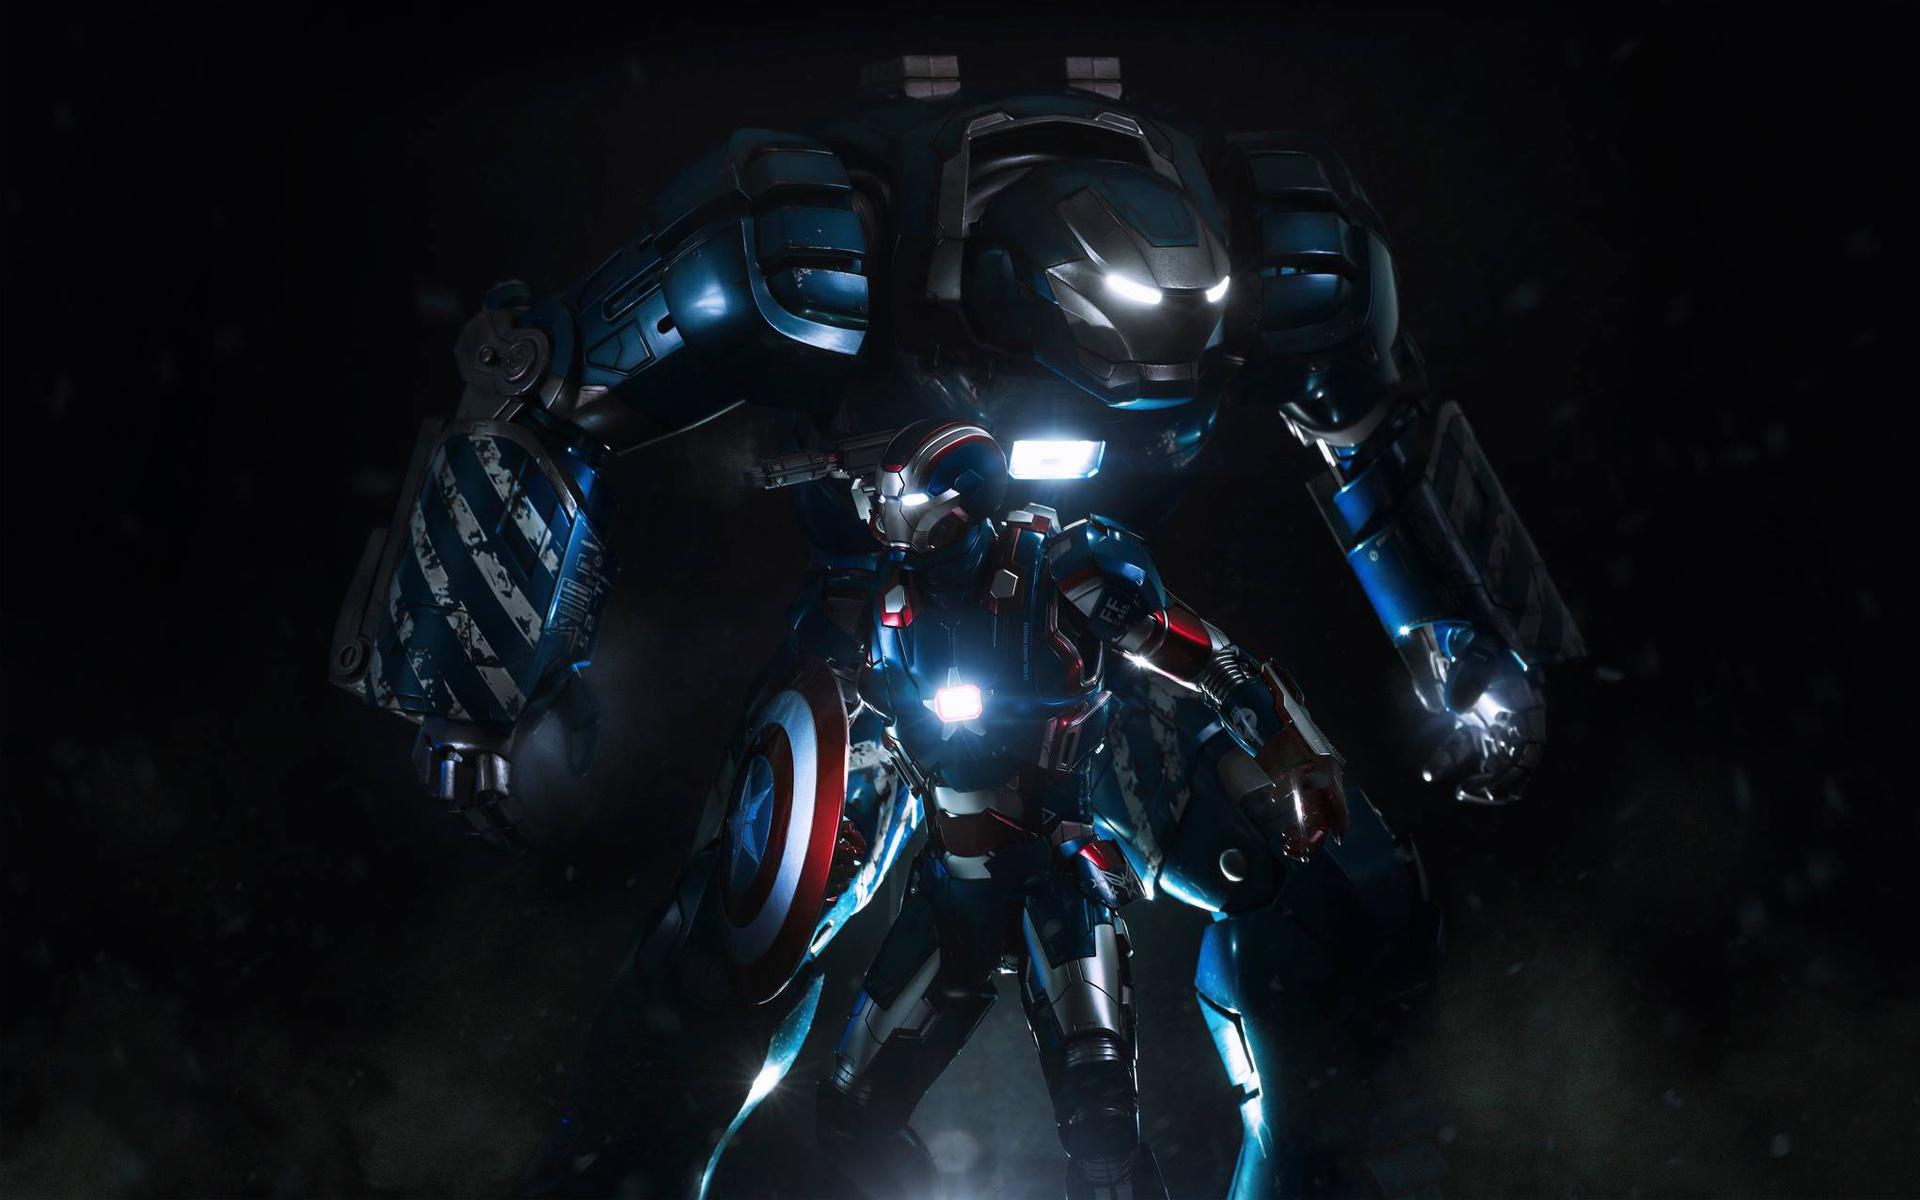 Films iron man 3 iron patriot fond d 39 cran for Plan d iron man